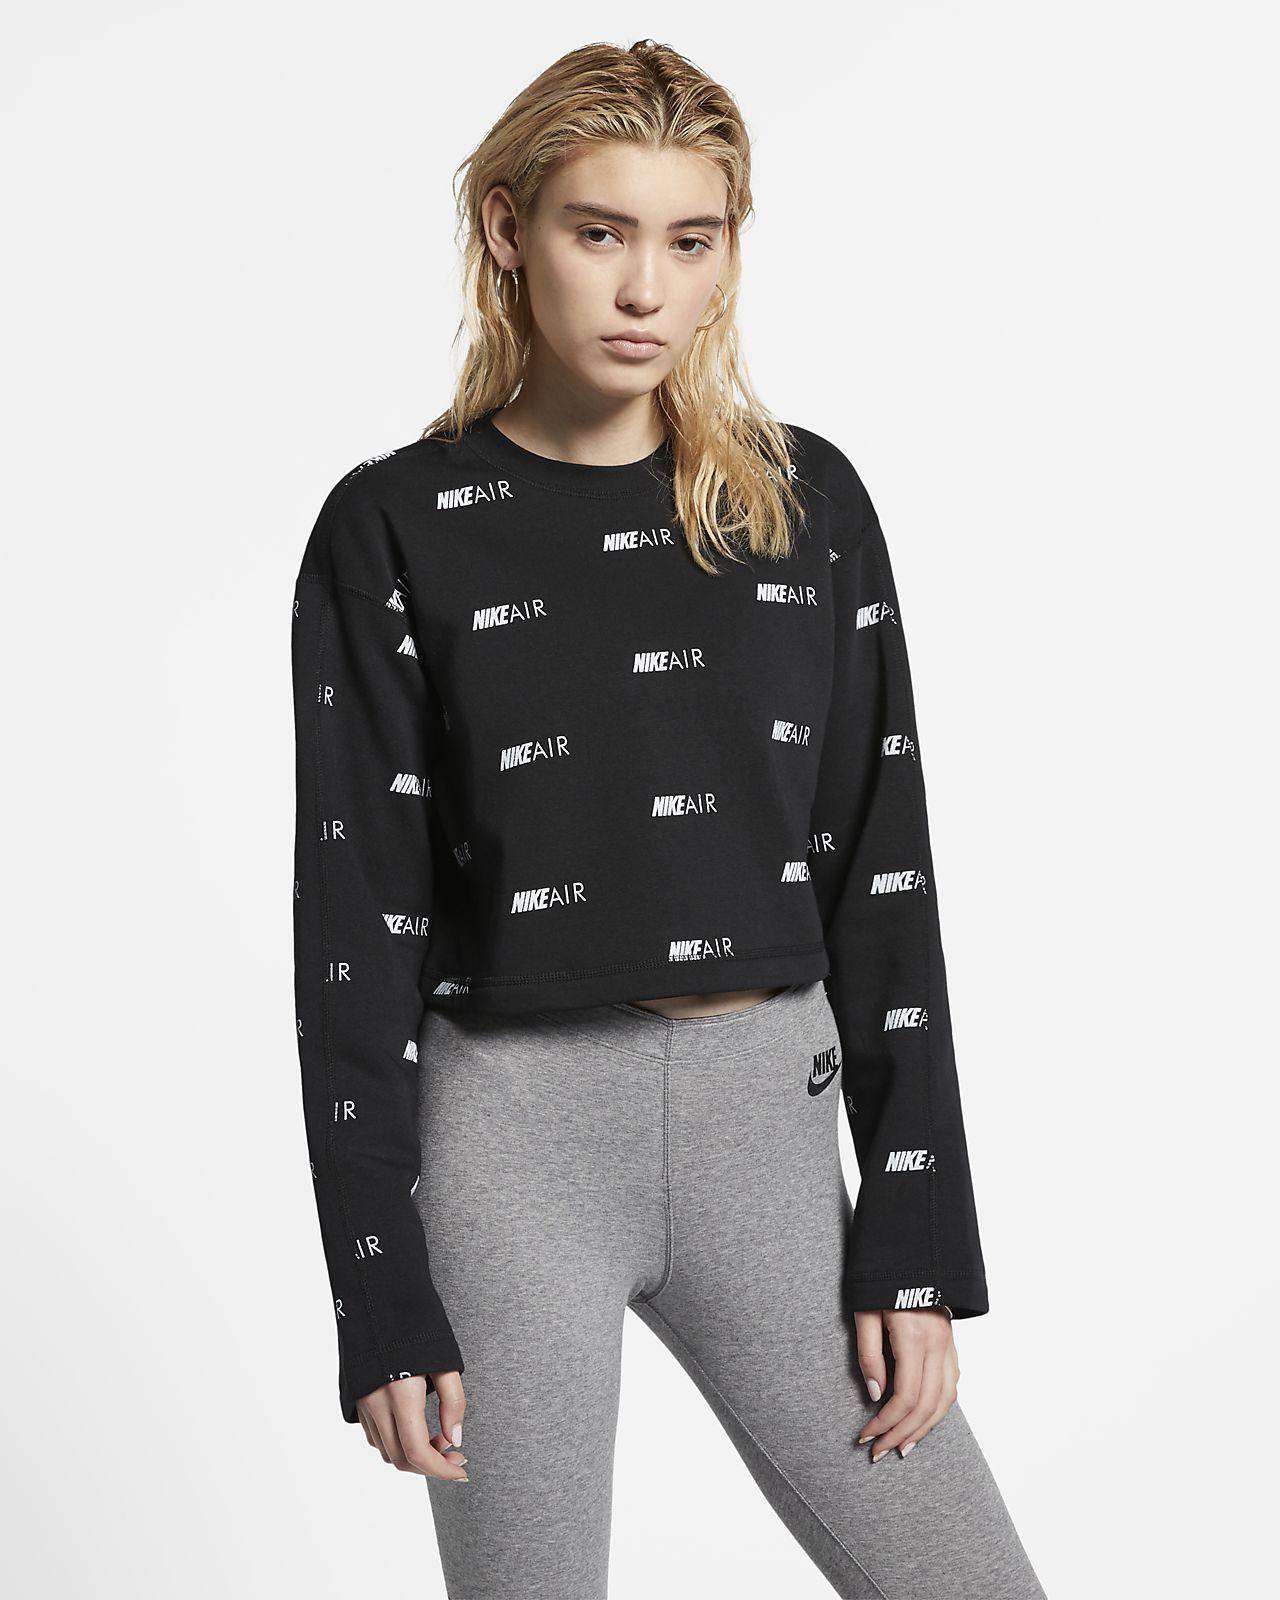 Nike Air Fleece Rundhalsshirt mit Print für Damen